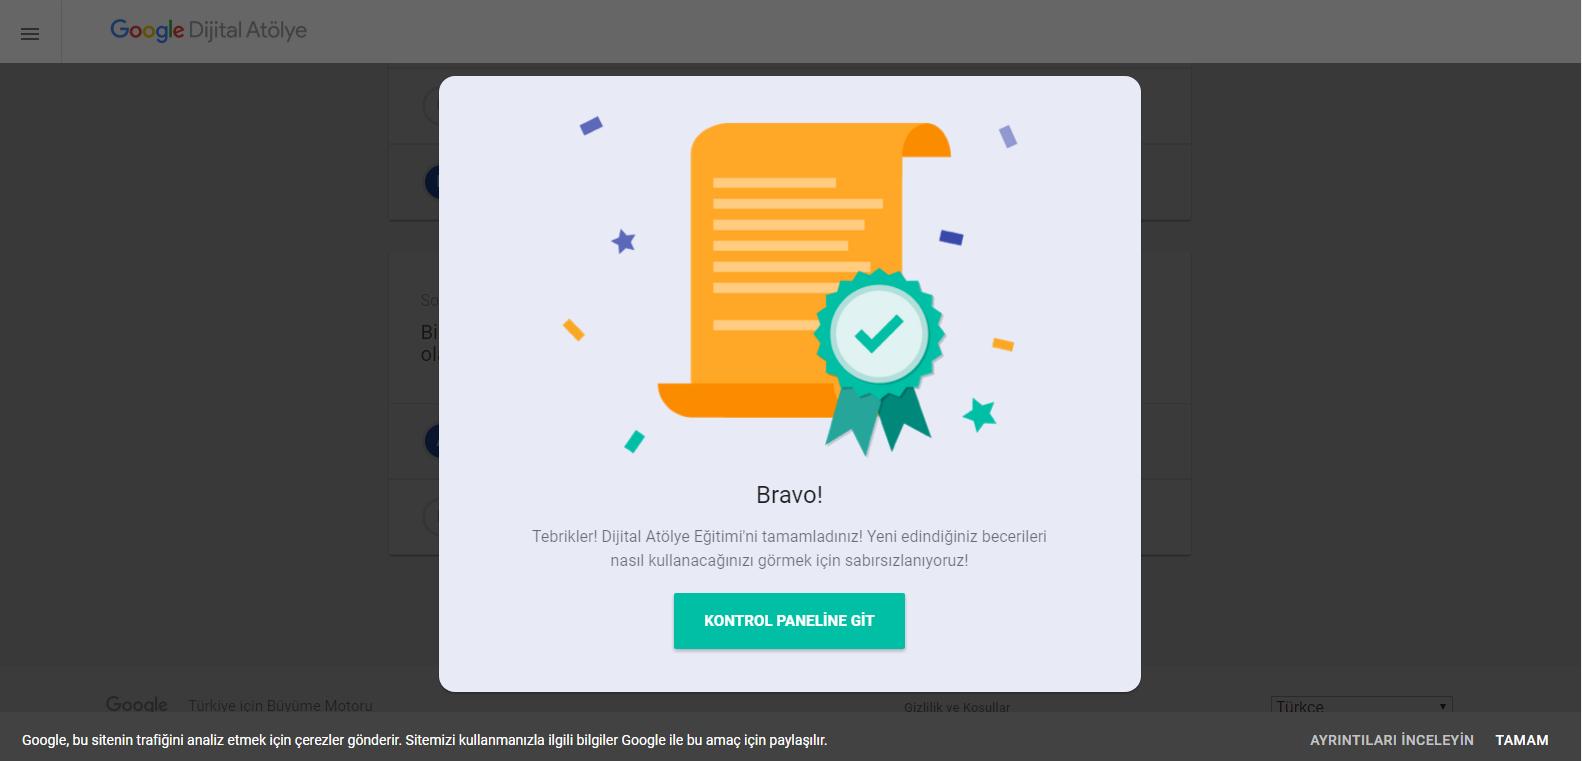 Google Dijital Atölye Google Dijital Atölye Sertifikası'nı ben aldım. Sınava nasıl girilir ve sertifika nasıl alınır?